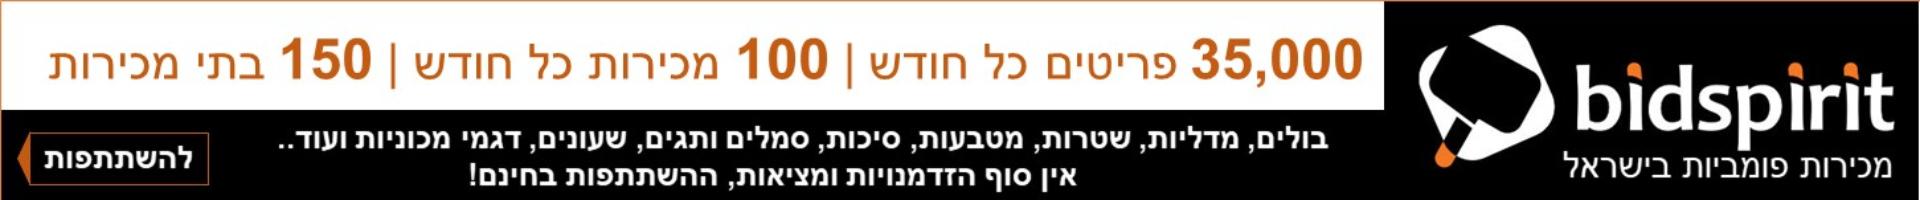 בידספיריט - באנר דסקטופ